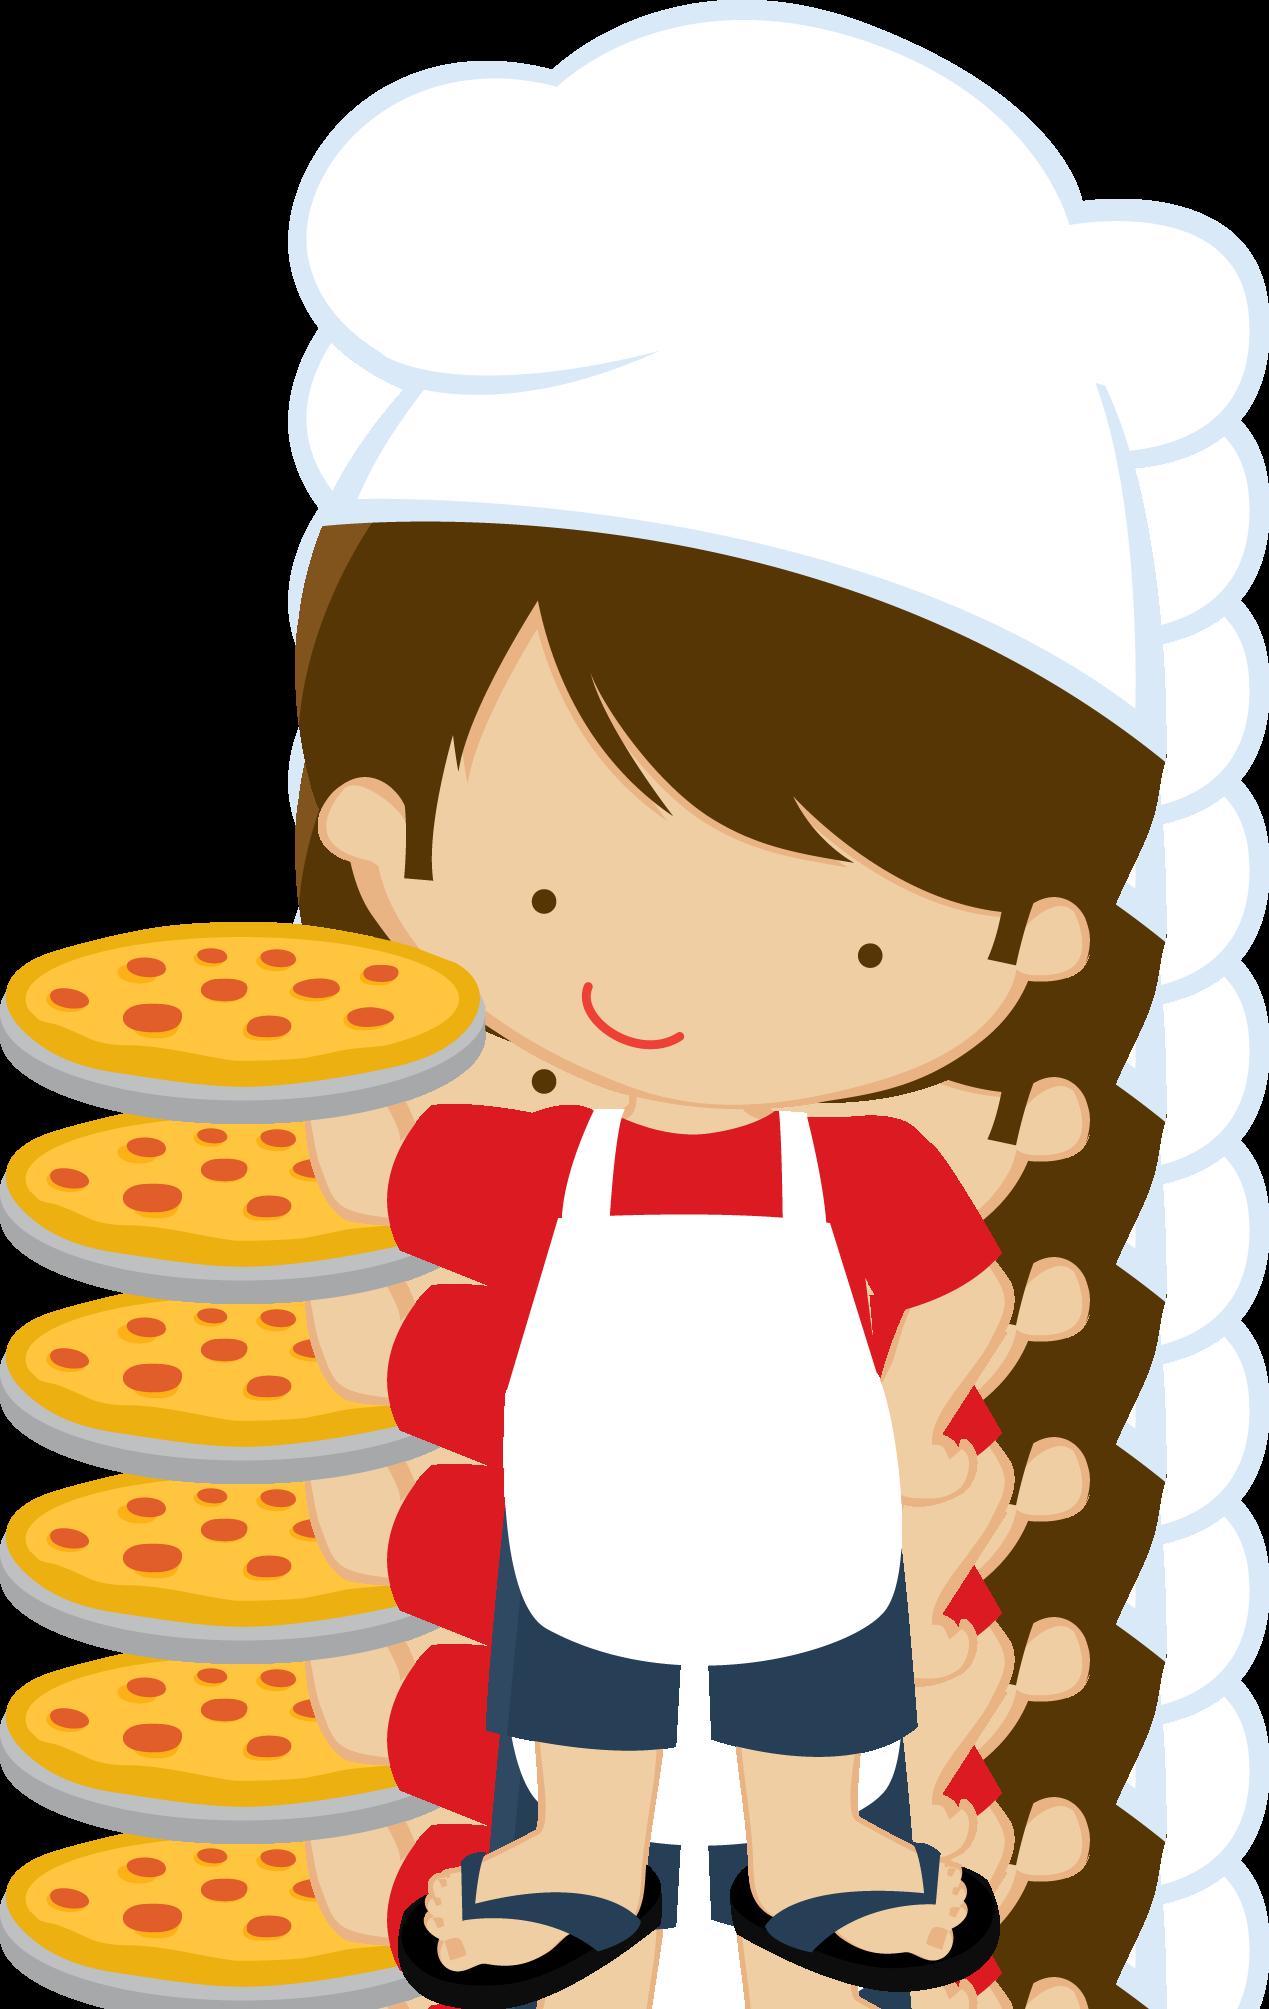 Zwd Pizza Party Zwd Boy 01 Png Minus Desenhos De Profissoes